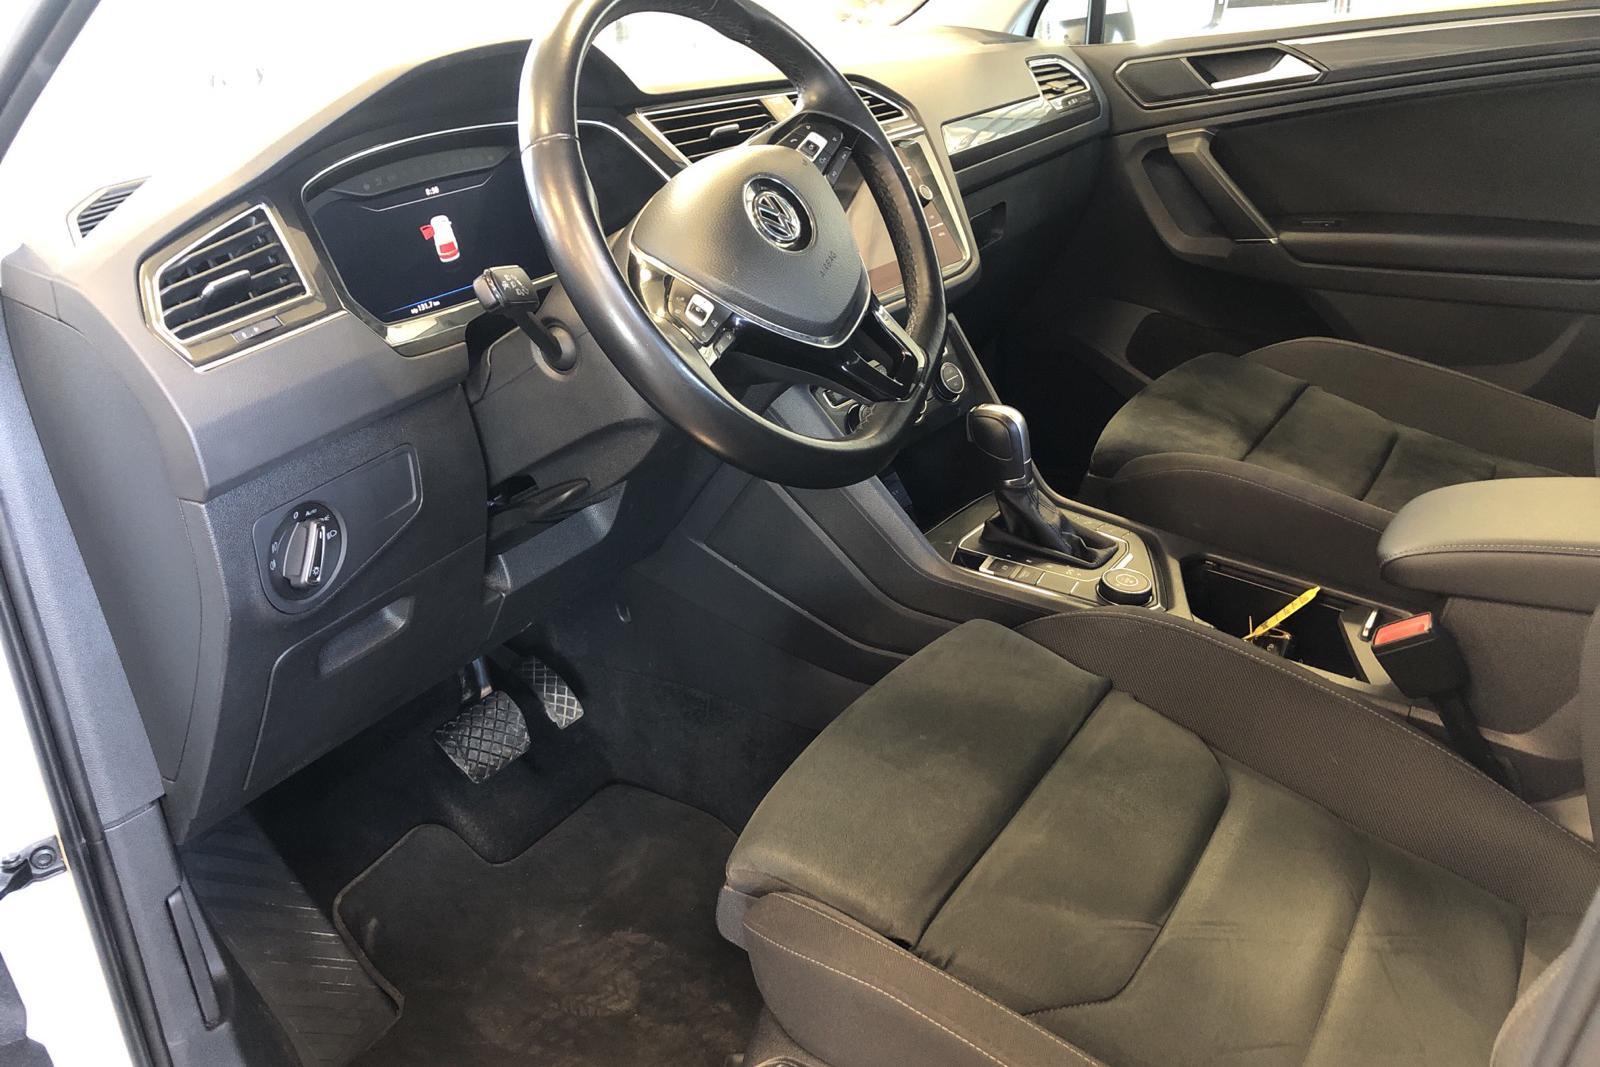 VW Tiguan 2.0 TDI 4MOTION (190hk) - 106 290 km - Automatic - white - 2018